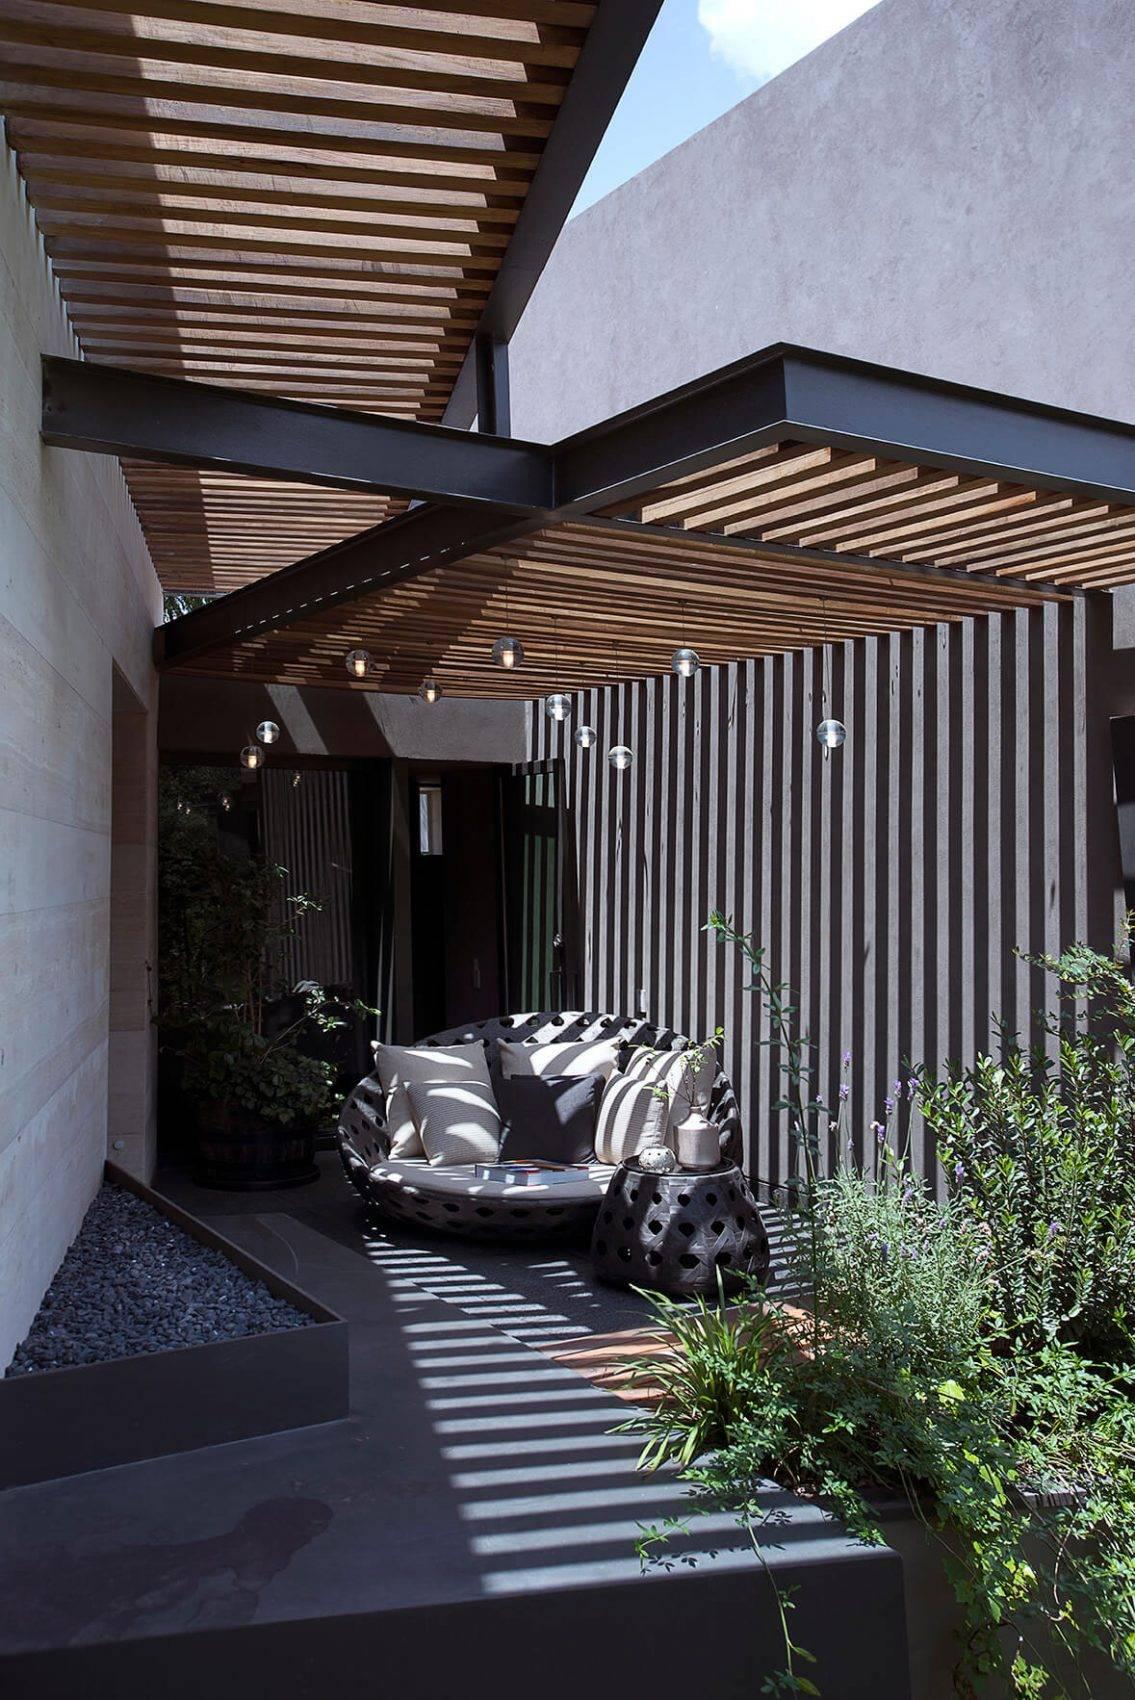 Contemporary Pergola Design Vieyra Arquitectos Design a Contemporary Home